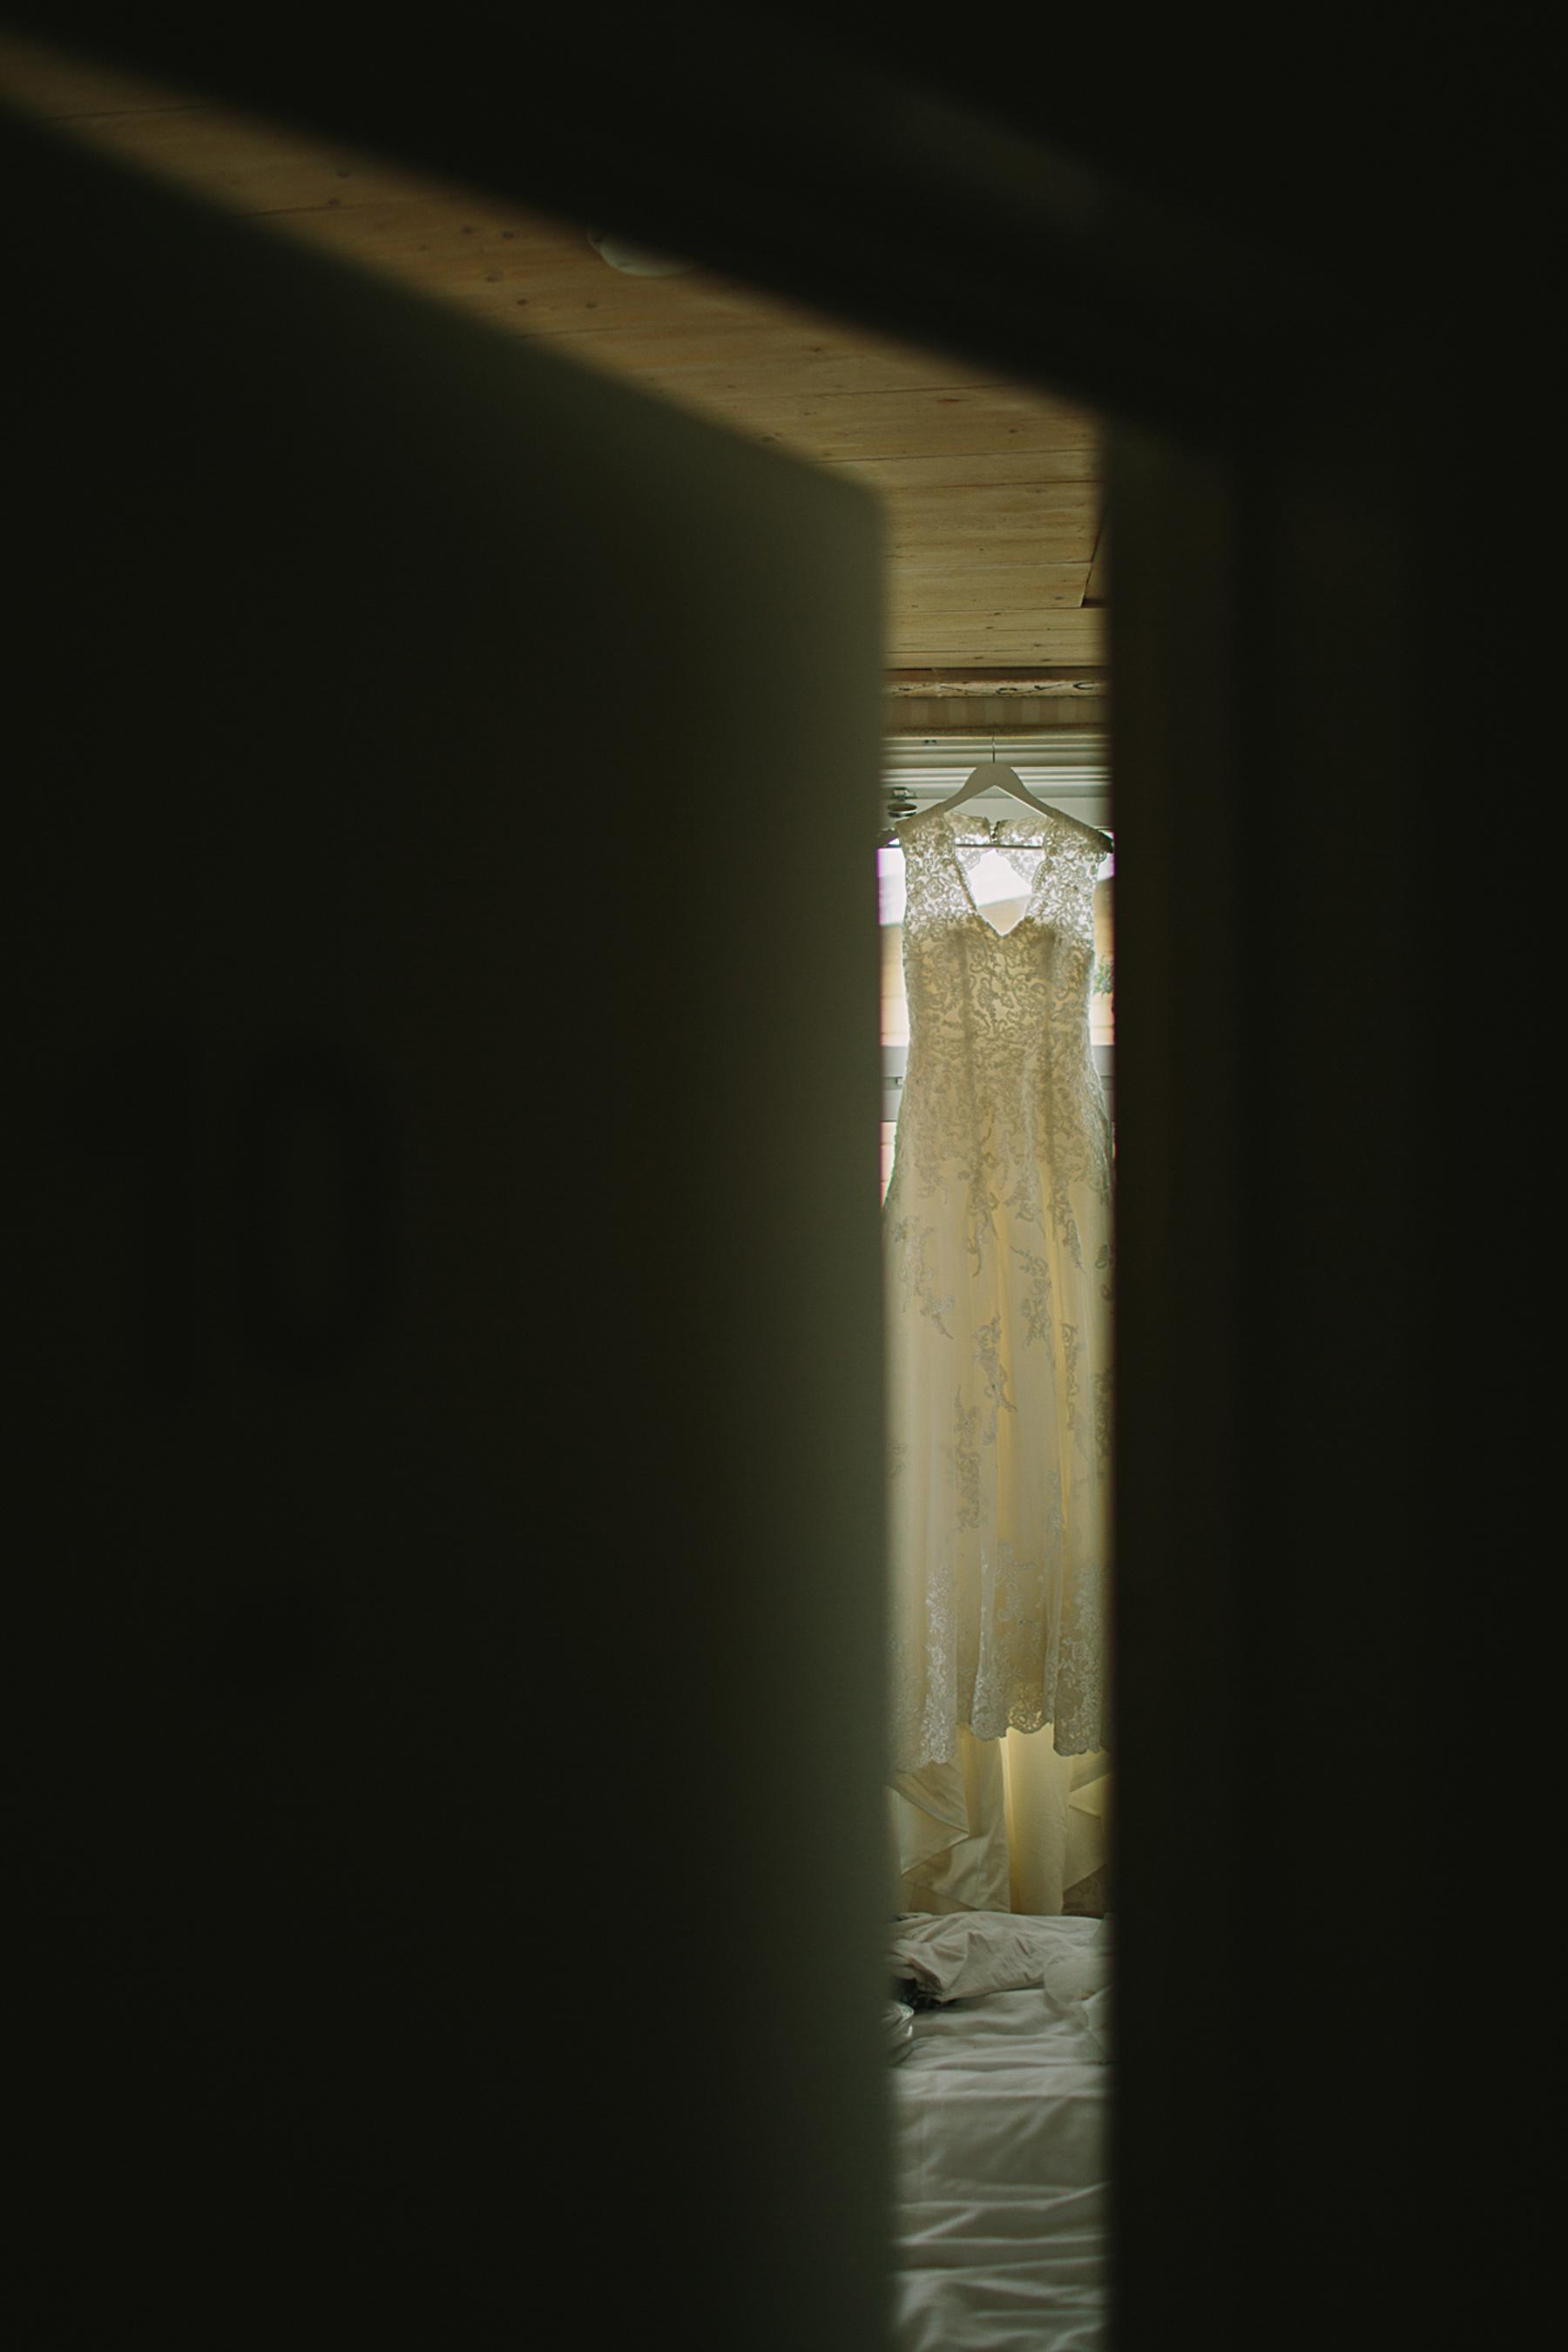 brudens klänning i fönstret